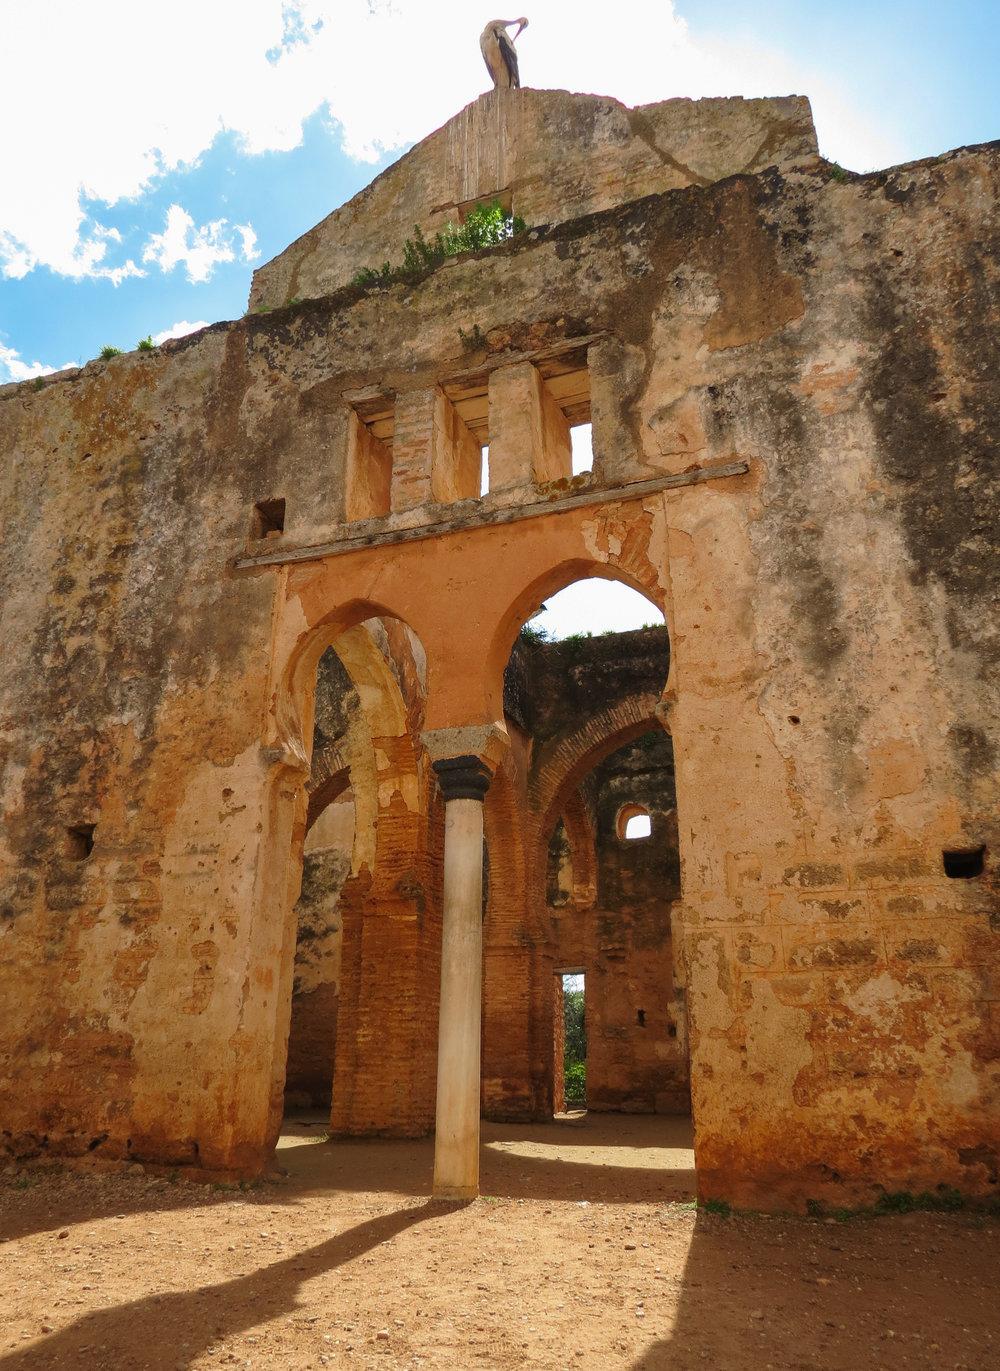 The ruins at Rabat, Morocco.